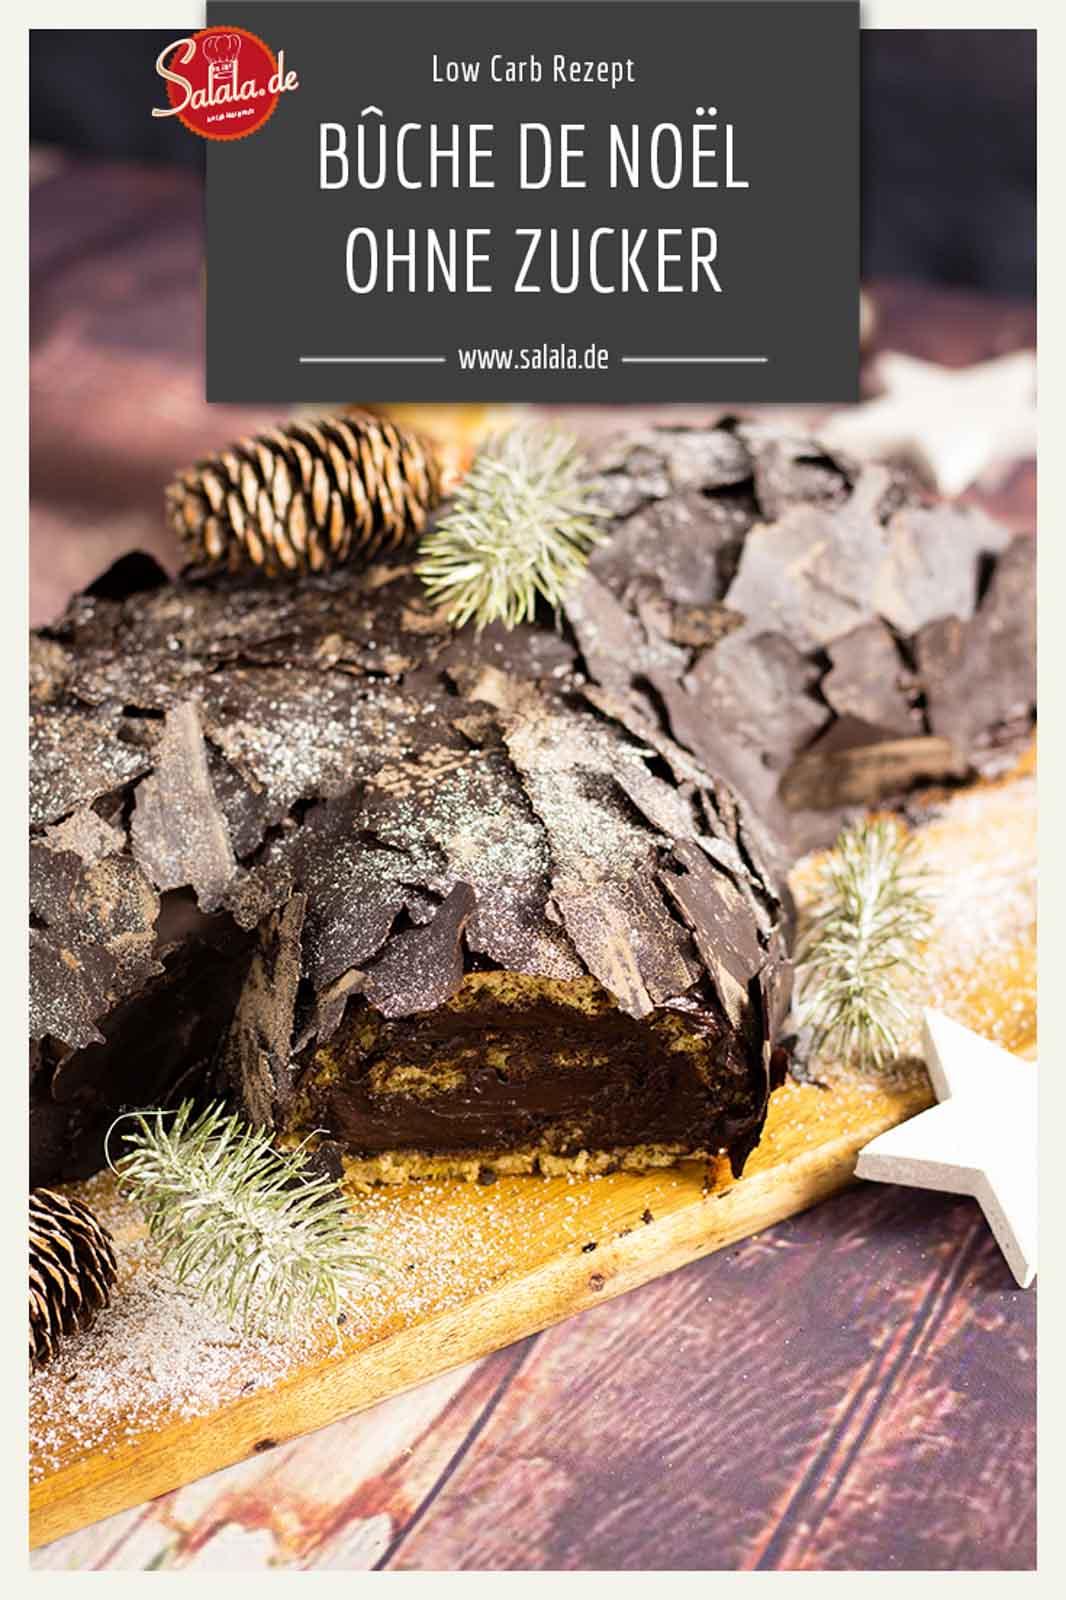 #buchedenoel #lowcarbrezepte #lowcarbbacken #weihnachtskuchen #zuckerfrei #lowcarb